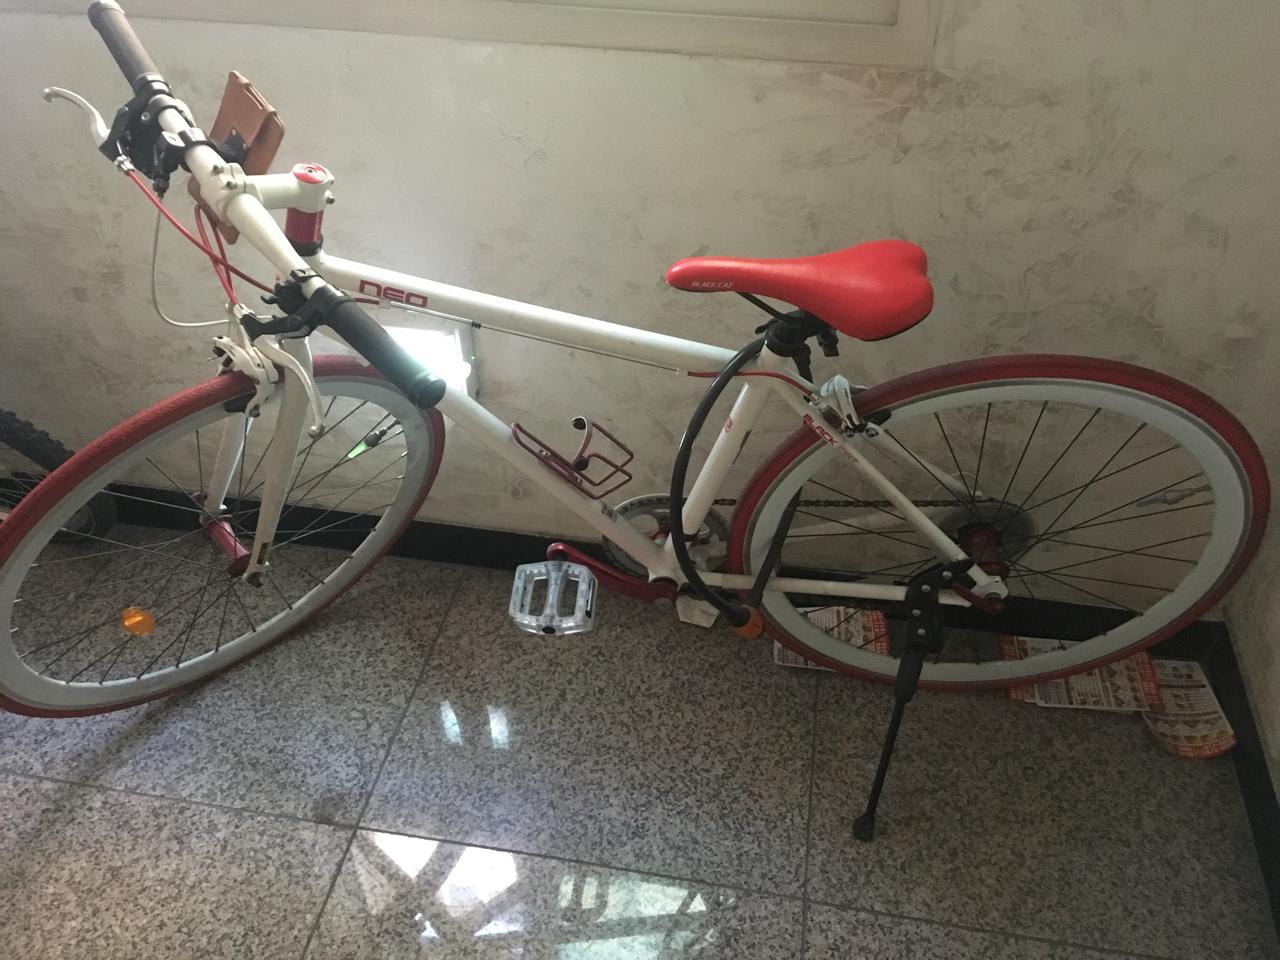 블랙켓네오 하이브리드자전거 팔아용